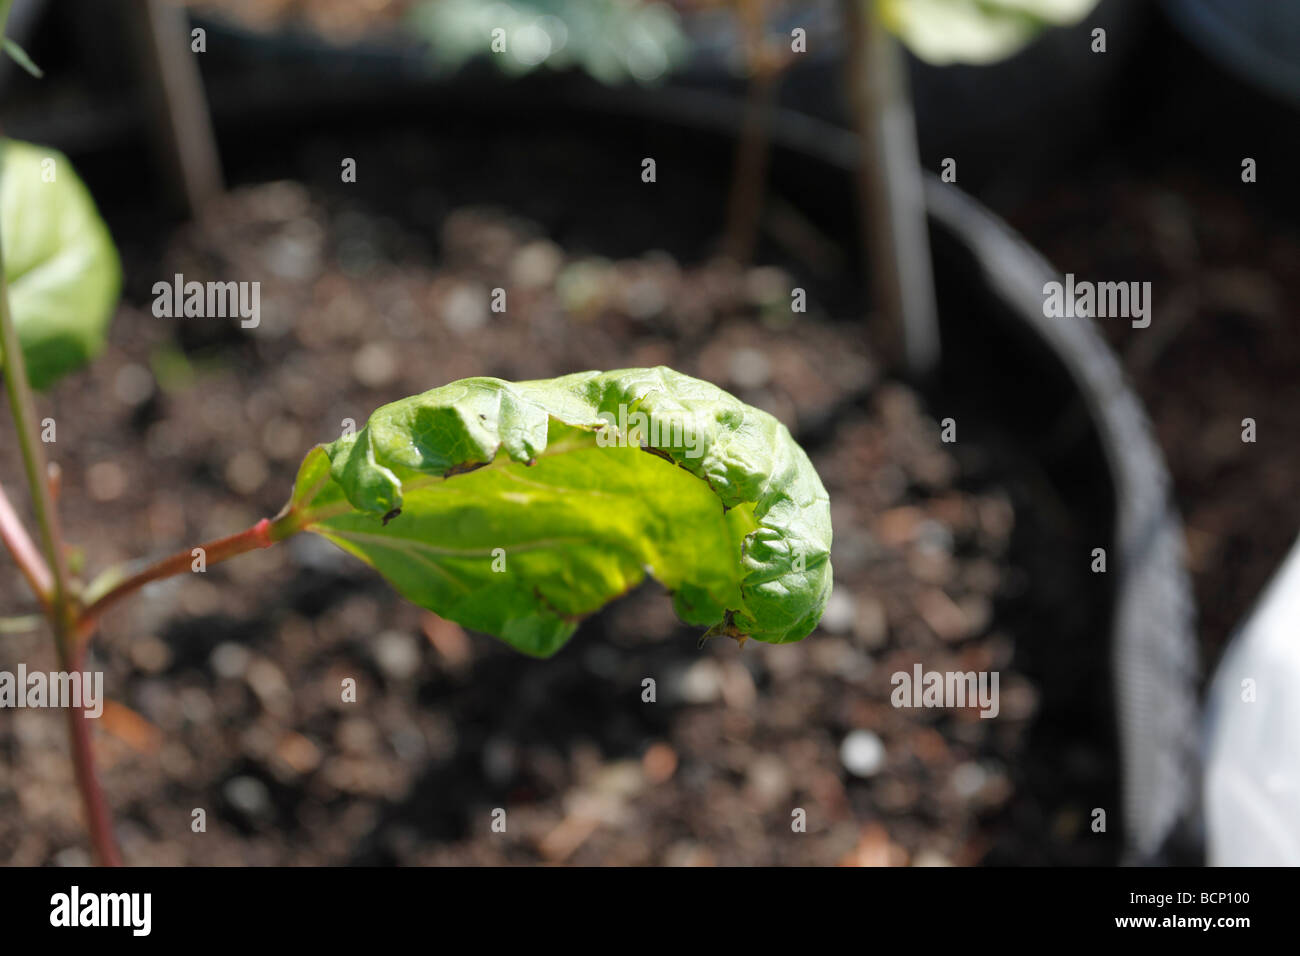 bean yellow mozaic virus on runner bean - Stock Image